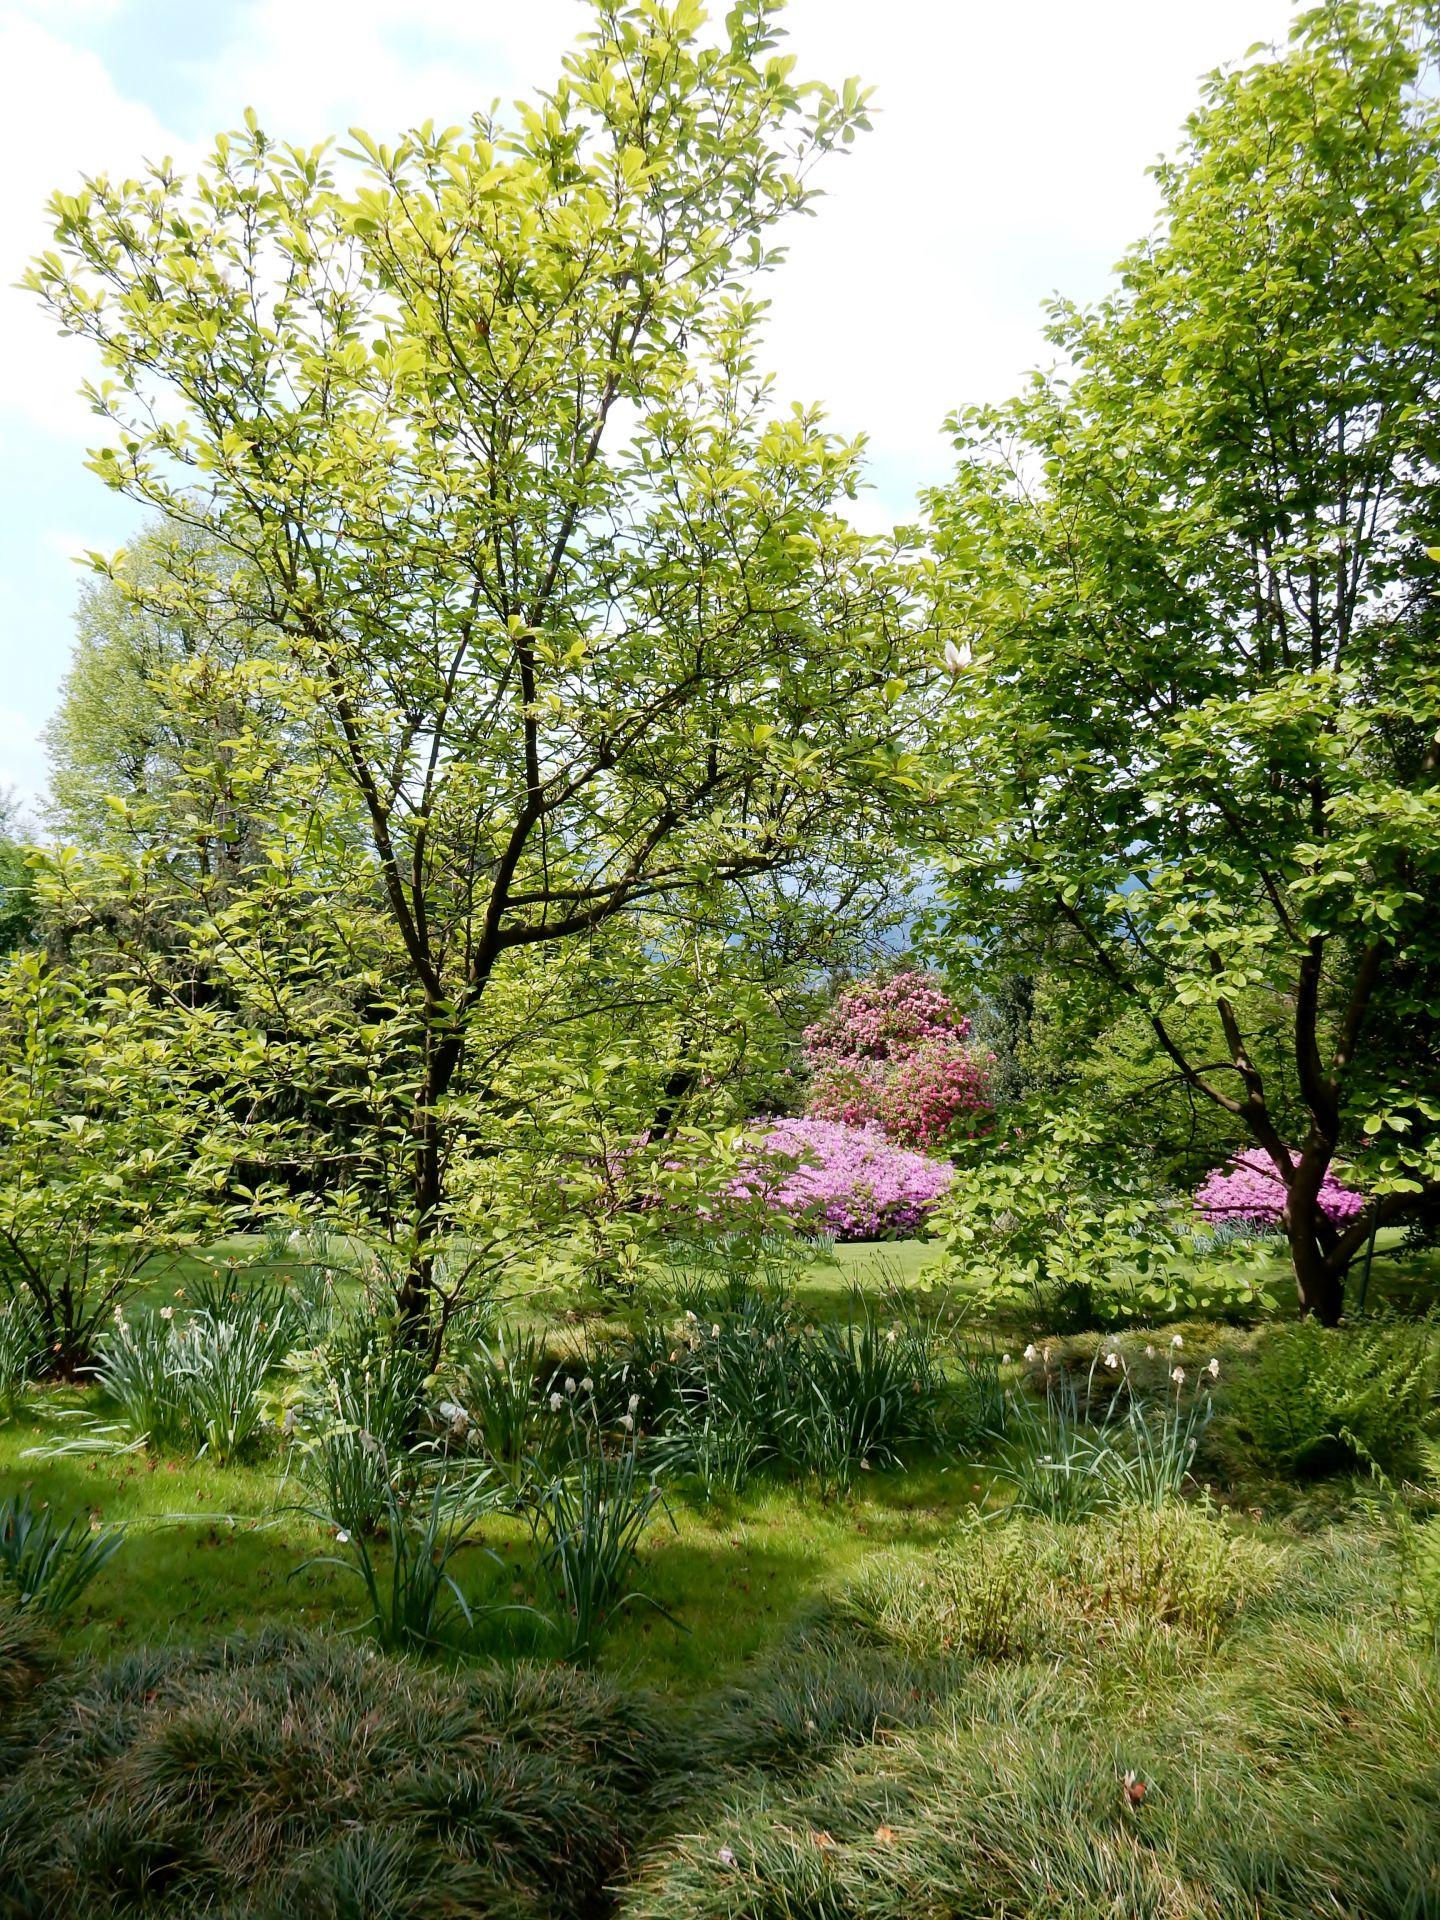 Italie dans le jardin d 39 isola madre le voyage par l 39 image - Le jardin d italie chateauroux ...